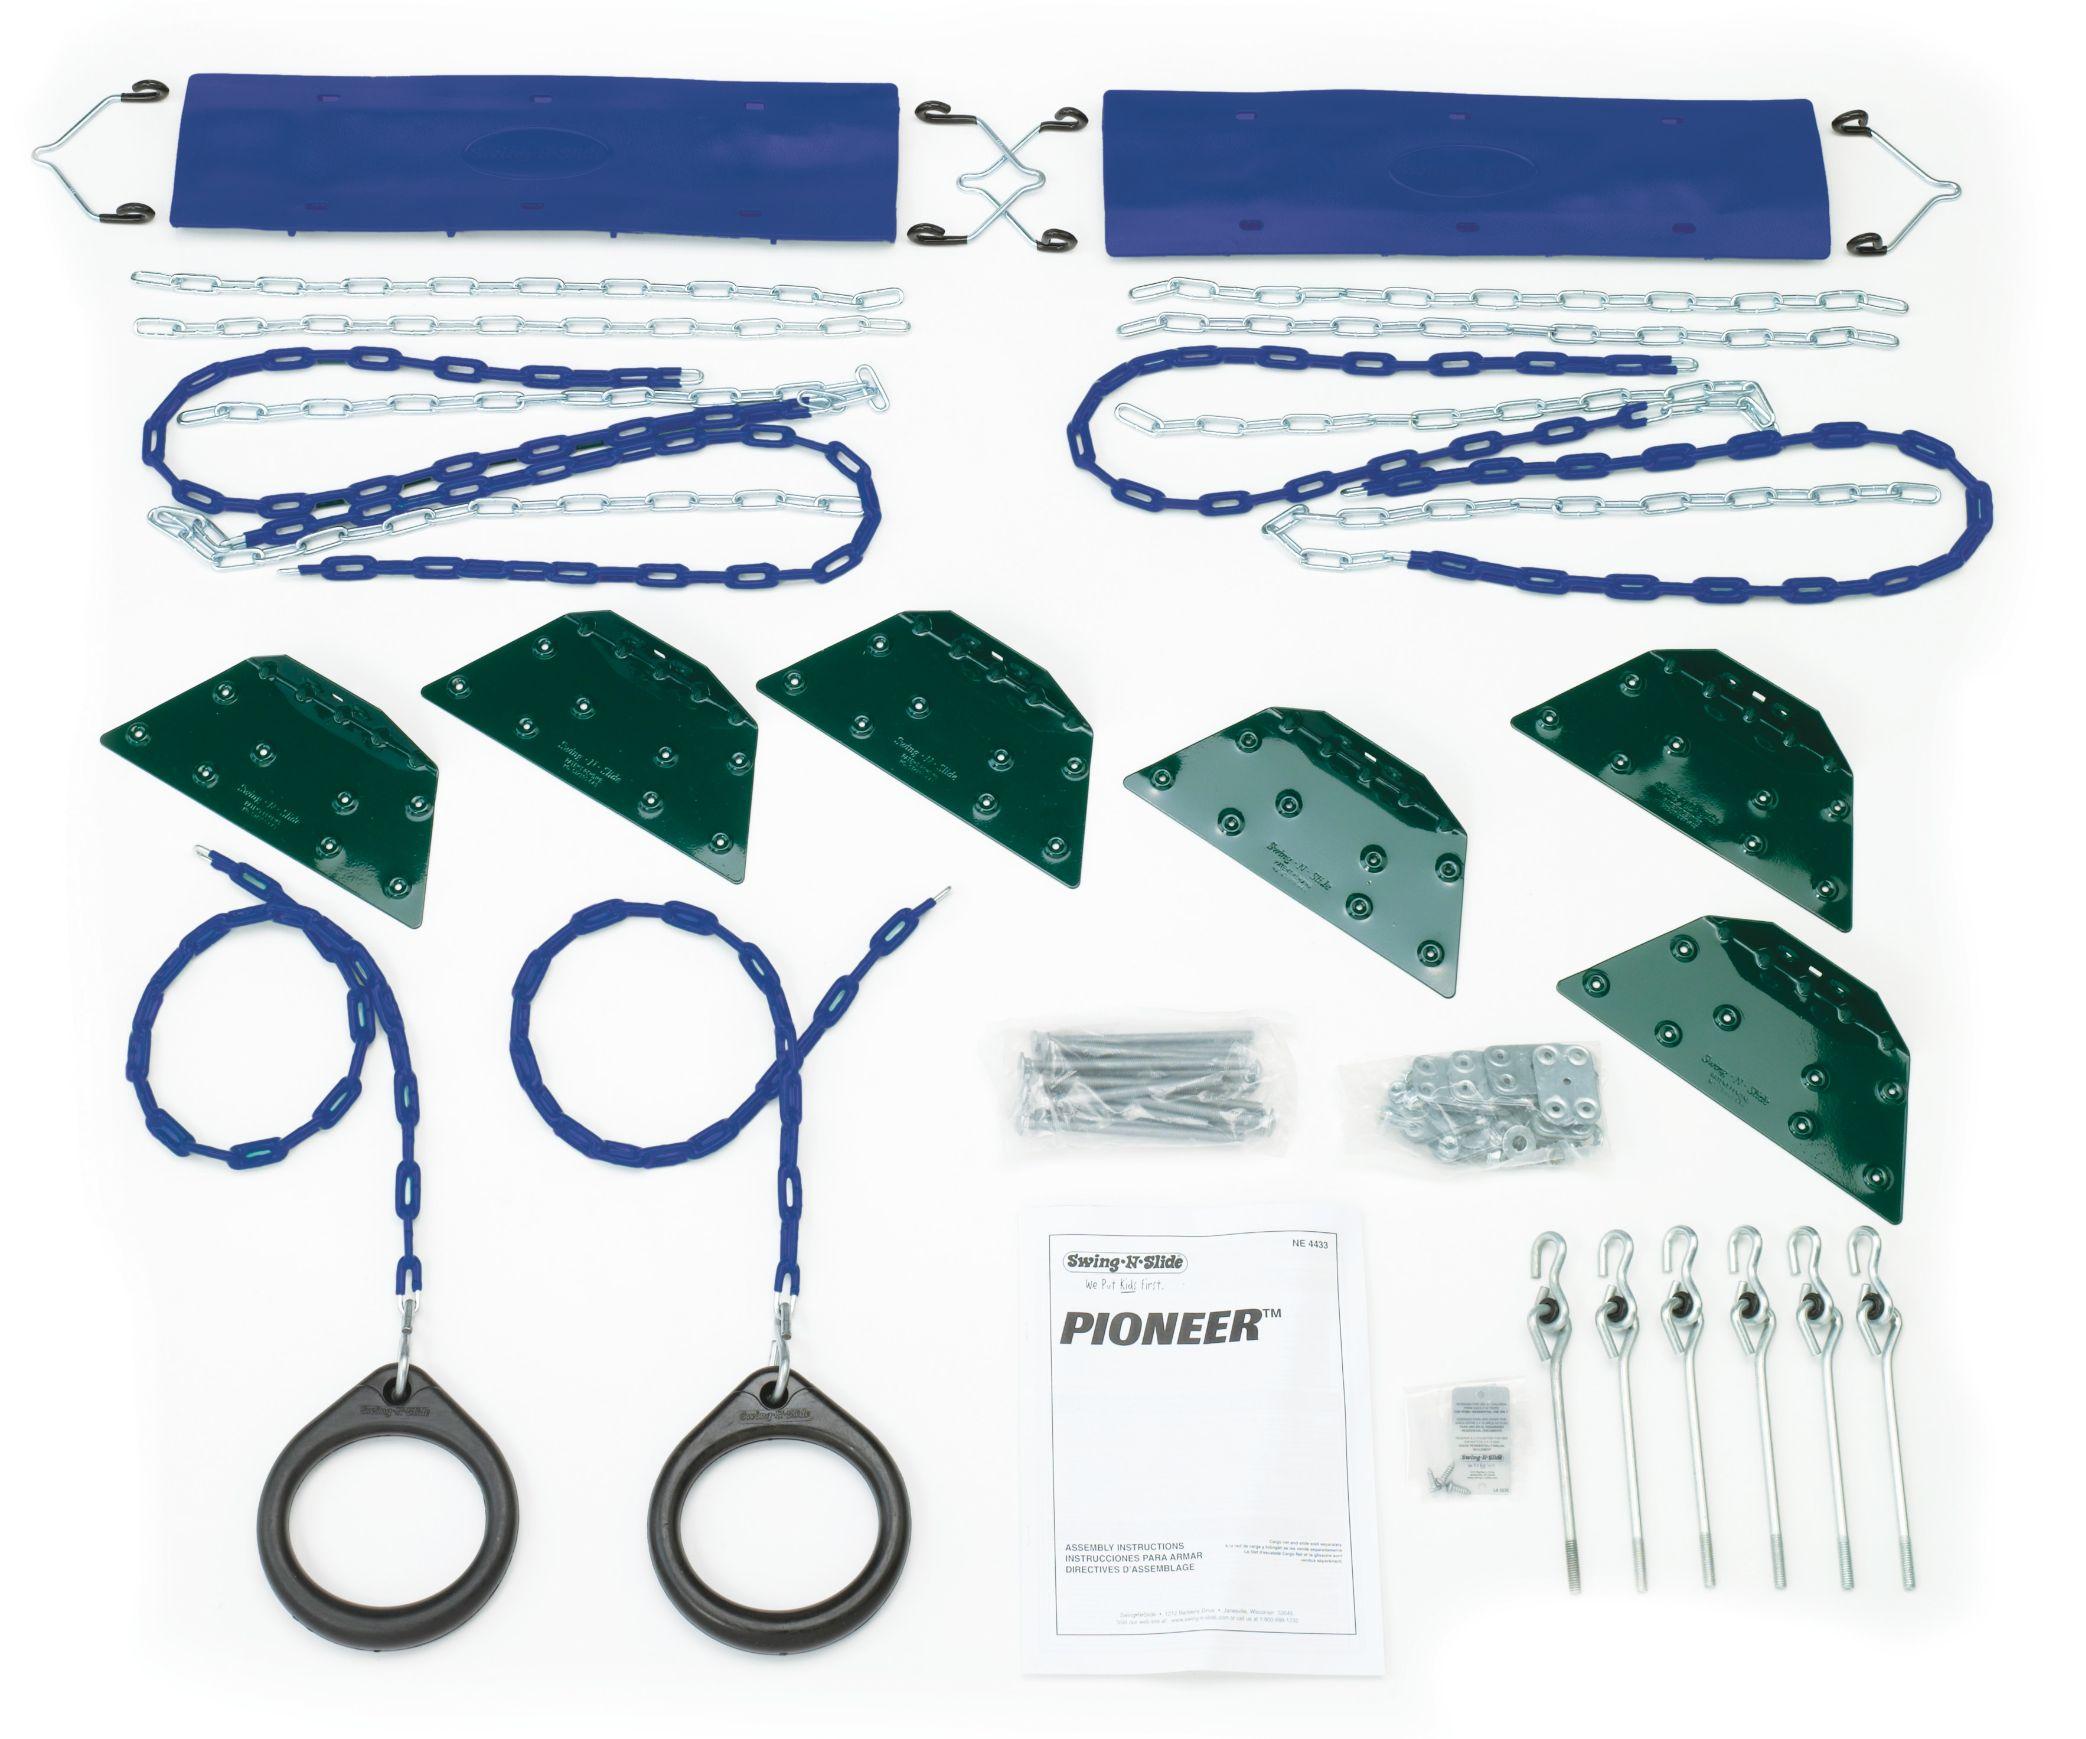 Pioneer diy play set hardware kit swing n slide wooden swing set kit